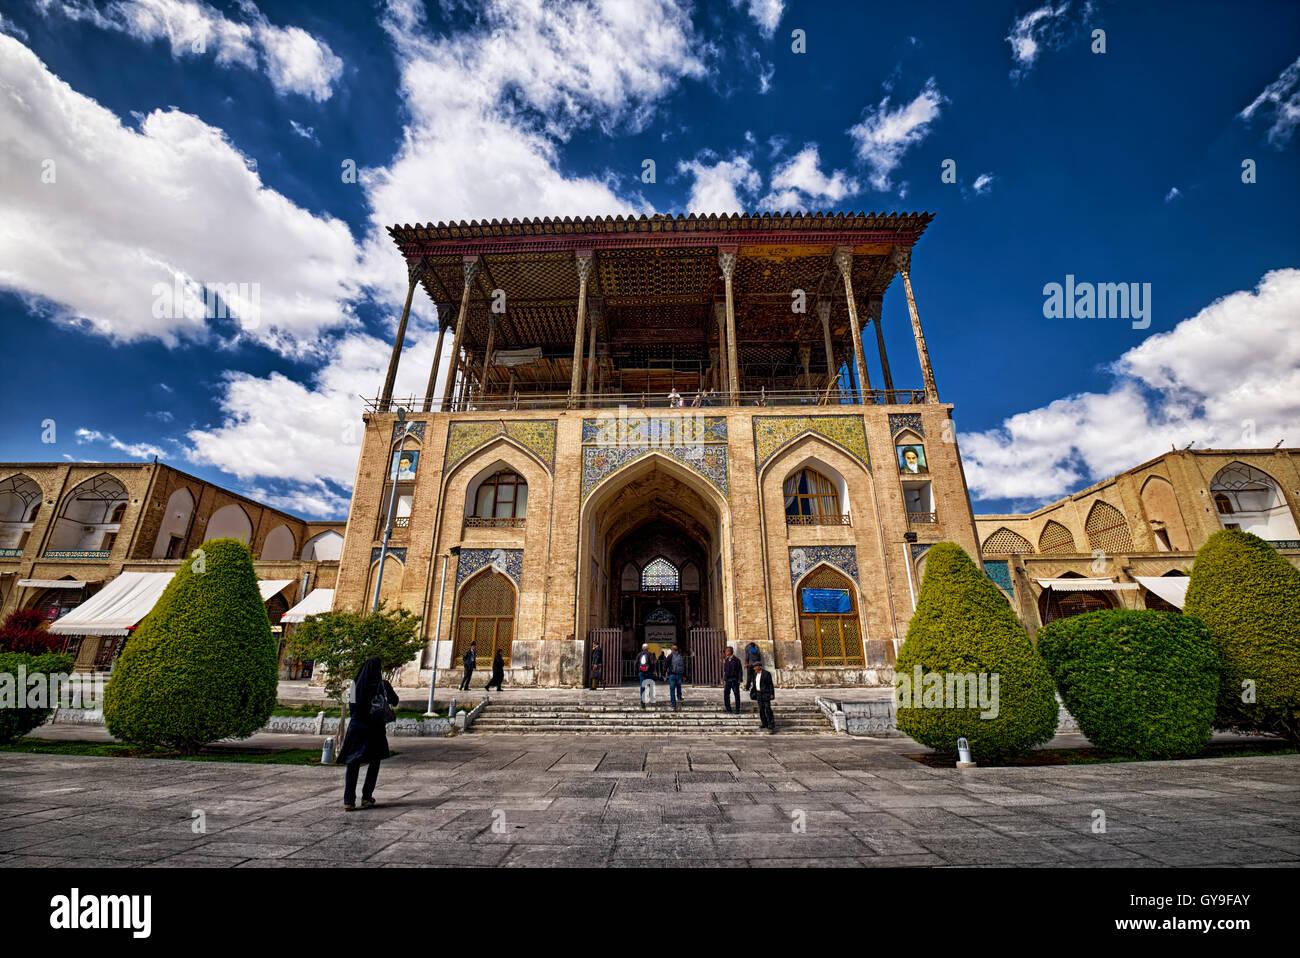 Ali Qapu palace front view Stock Photo